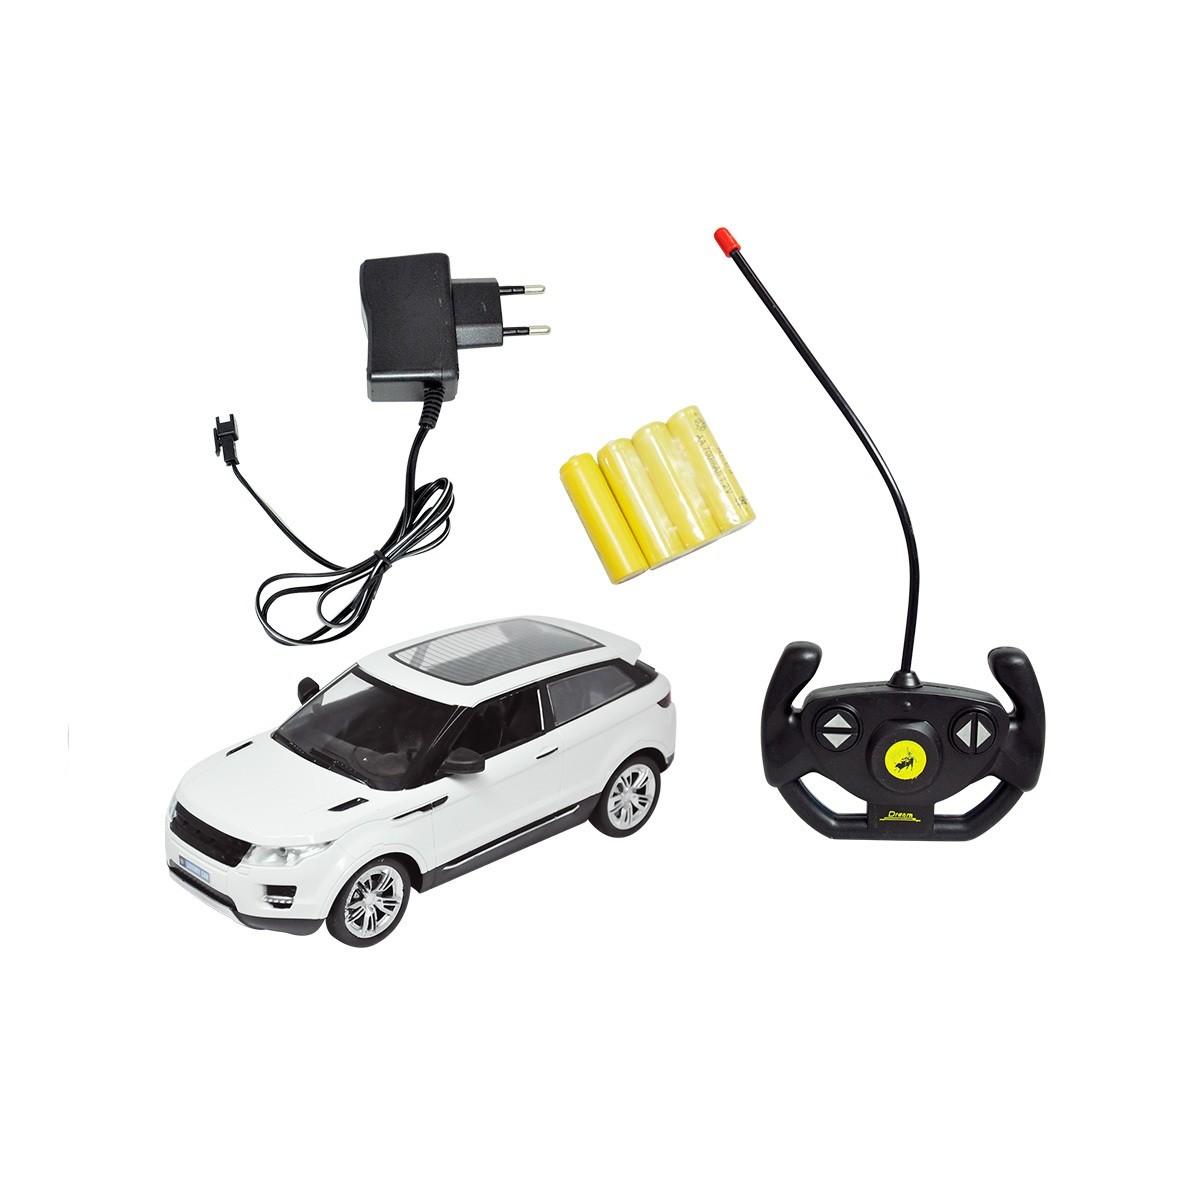 Carro Evoque controle remoto sem fio  Recarregável  DM TOYS